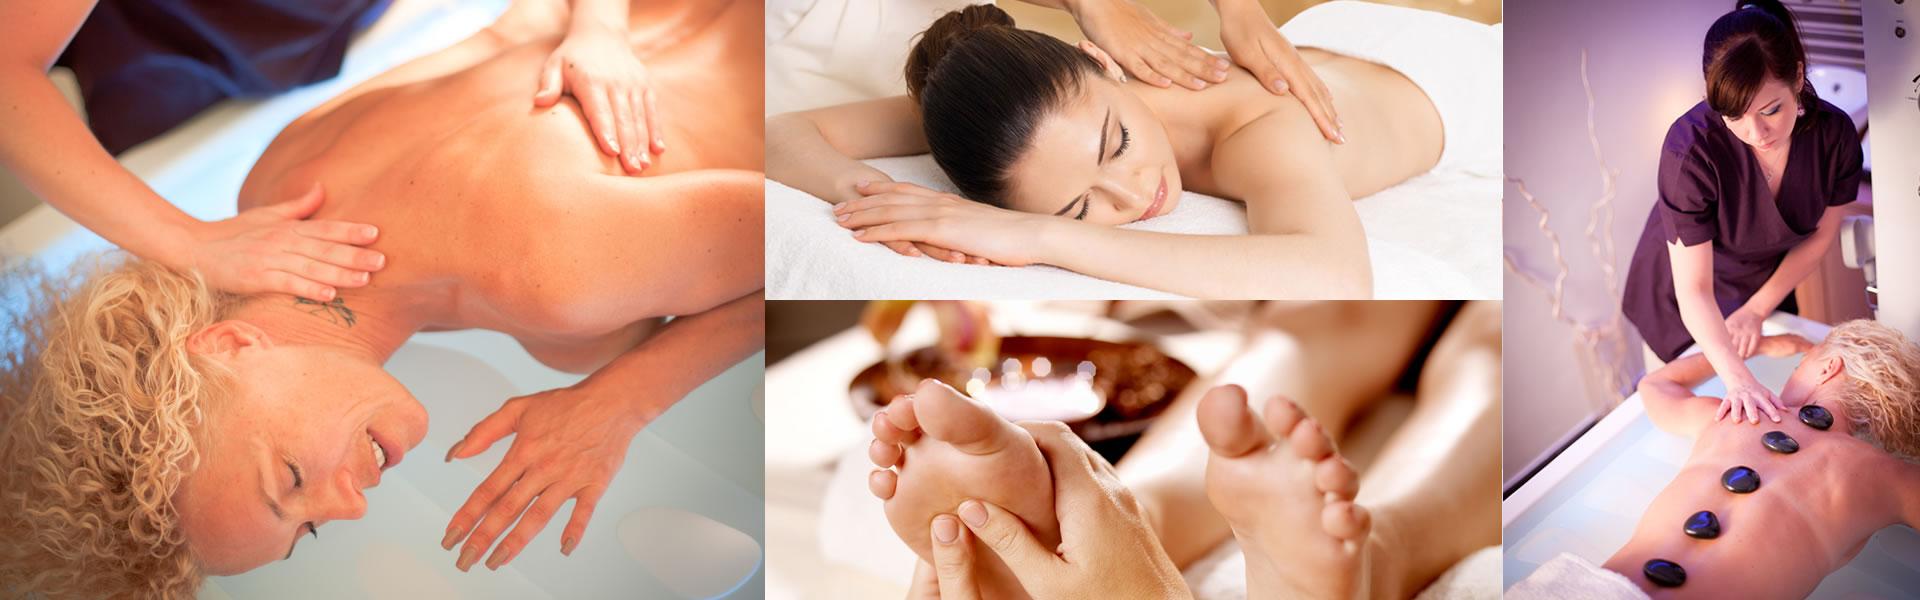 massaggi_spa_aurora_hotel viterbo perugia